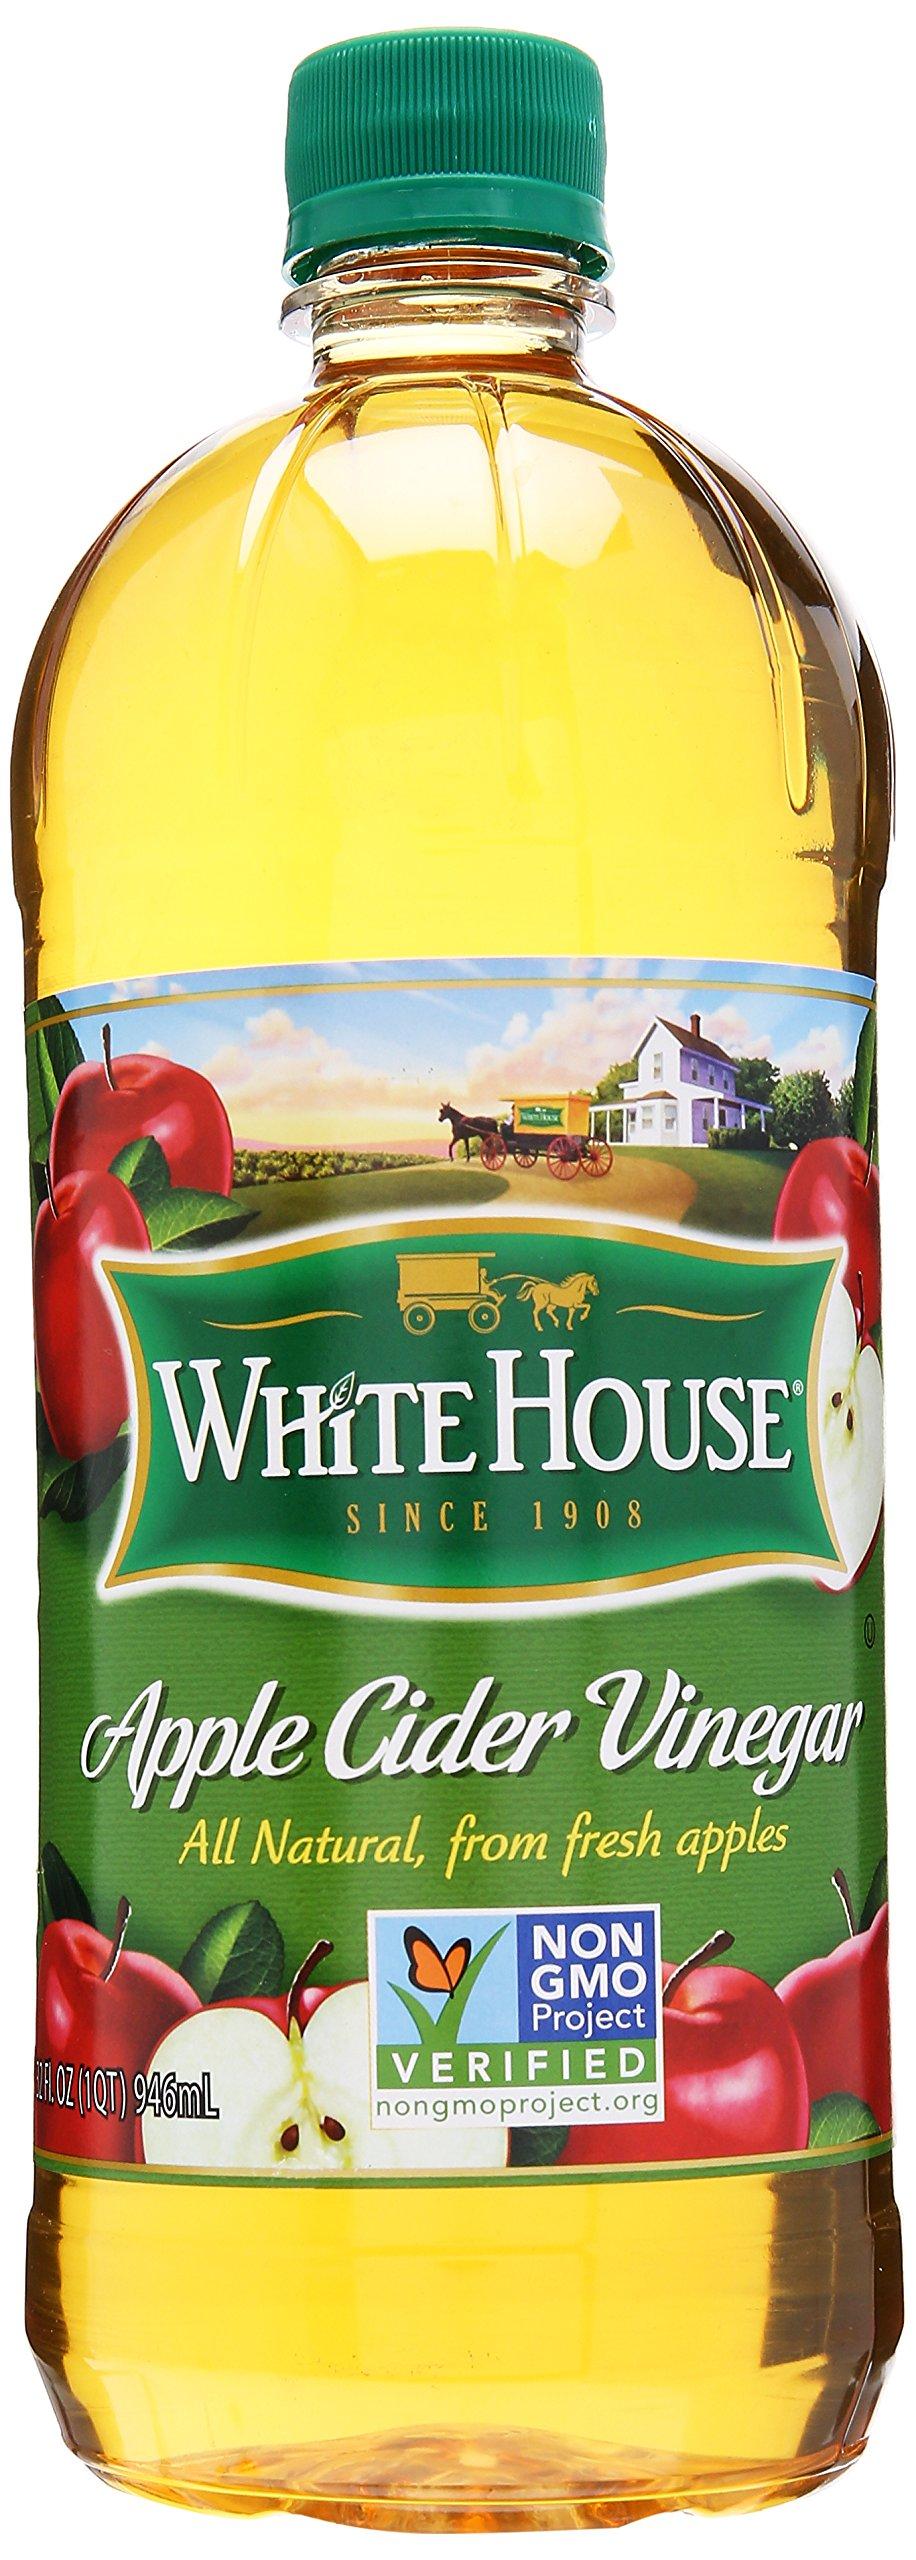 White House Foods Apple Cider Vinegar, 32 oz